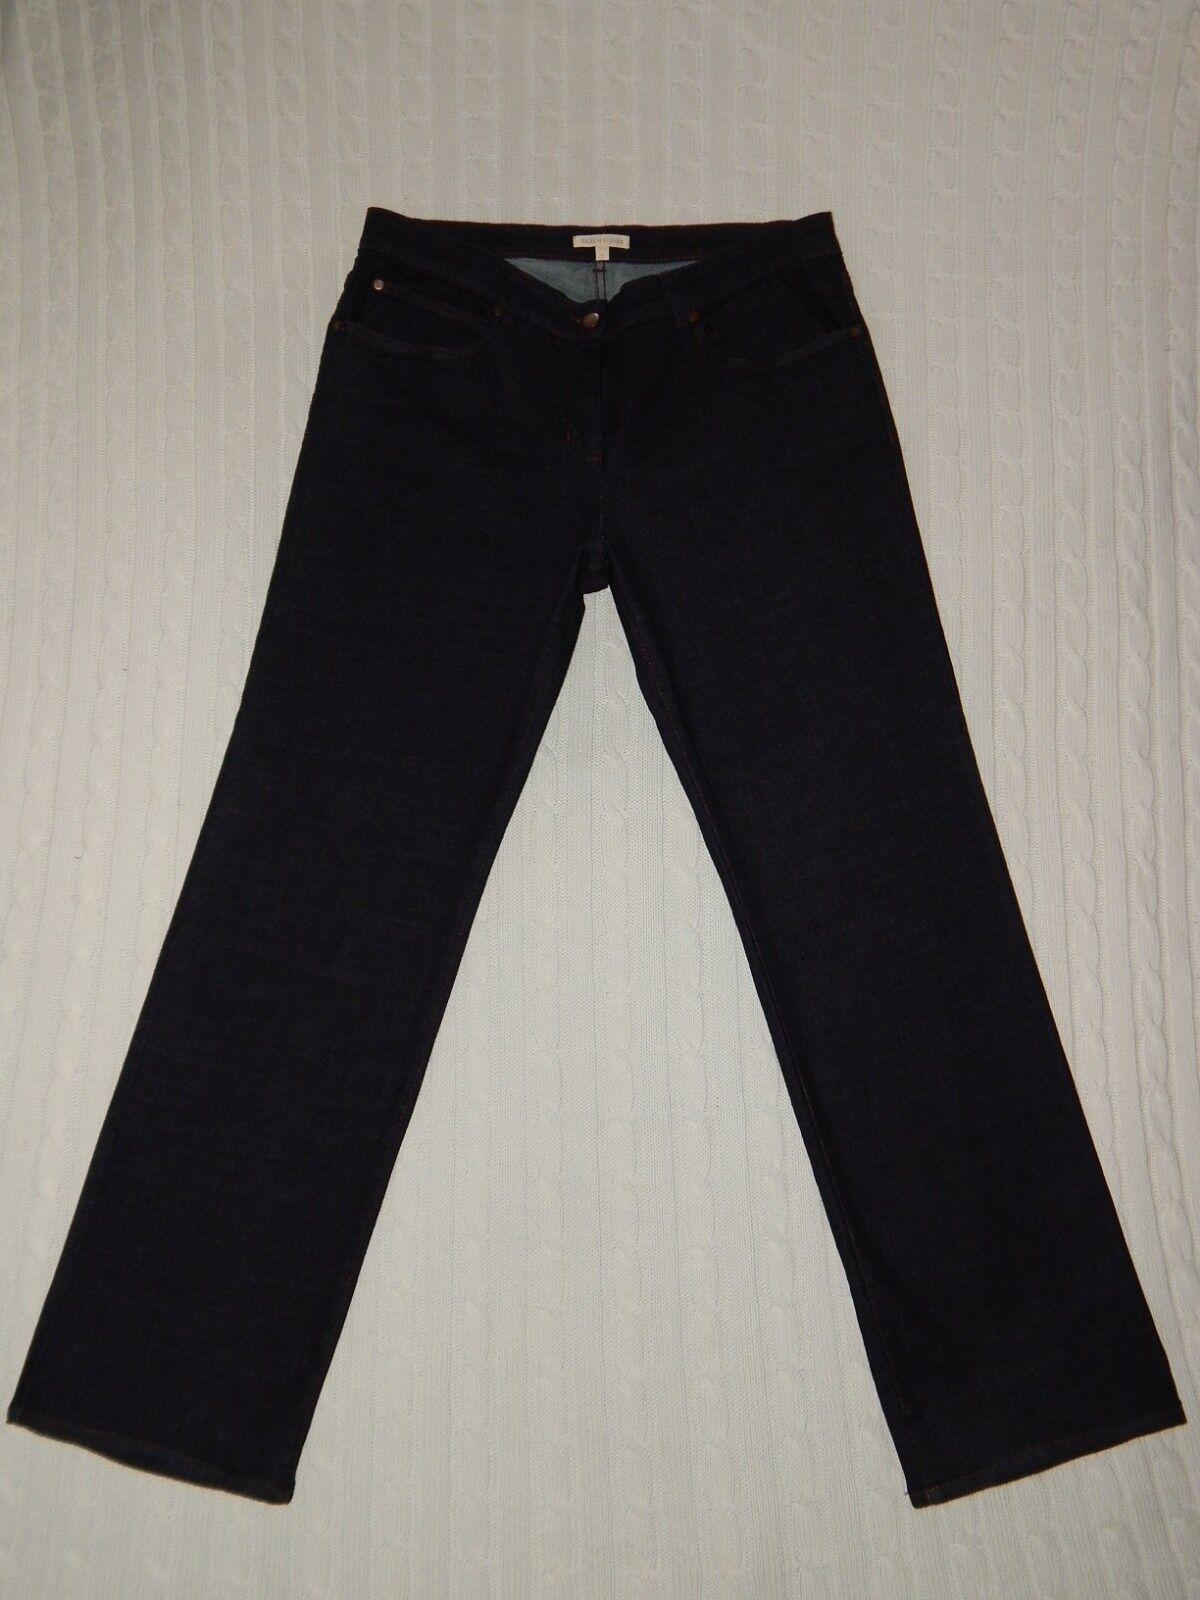 EILEEN FISHER – M Medium – BOOT LEG Organic Cotton Dark Jeans  Y370 30.5  inseam